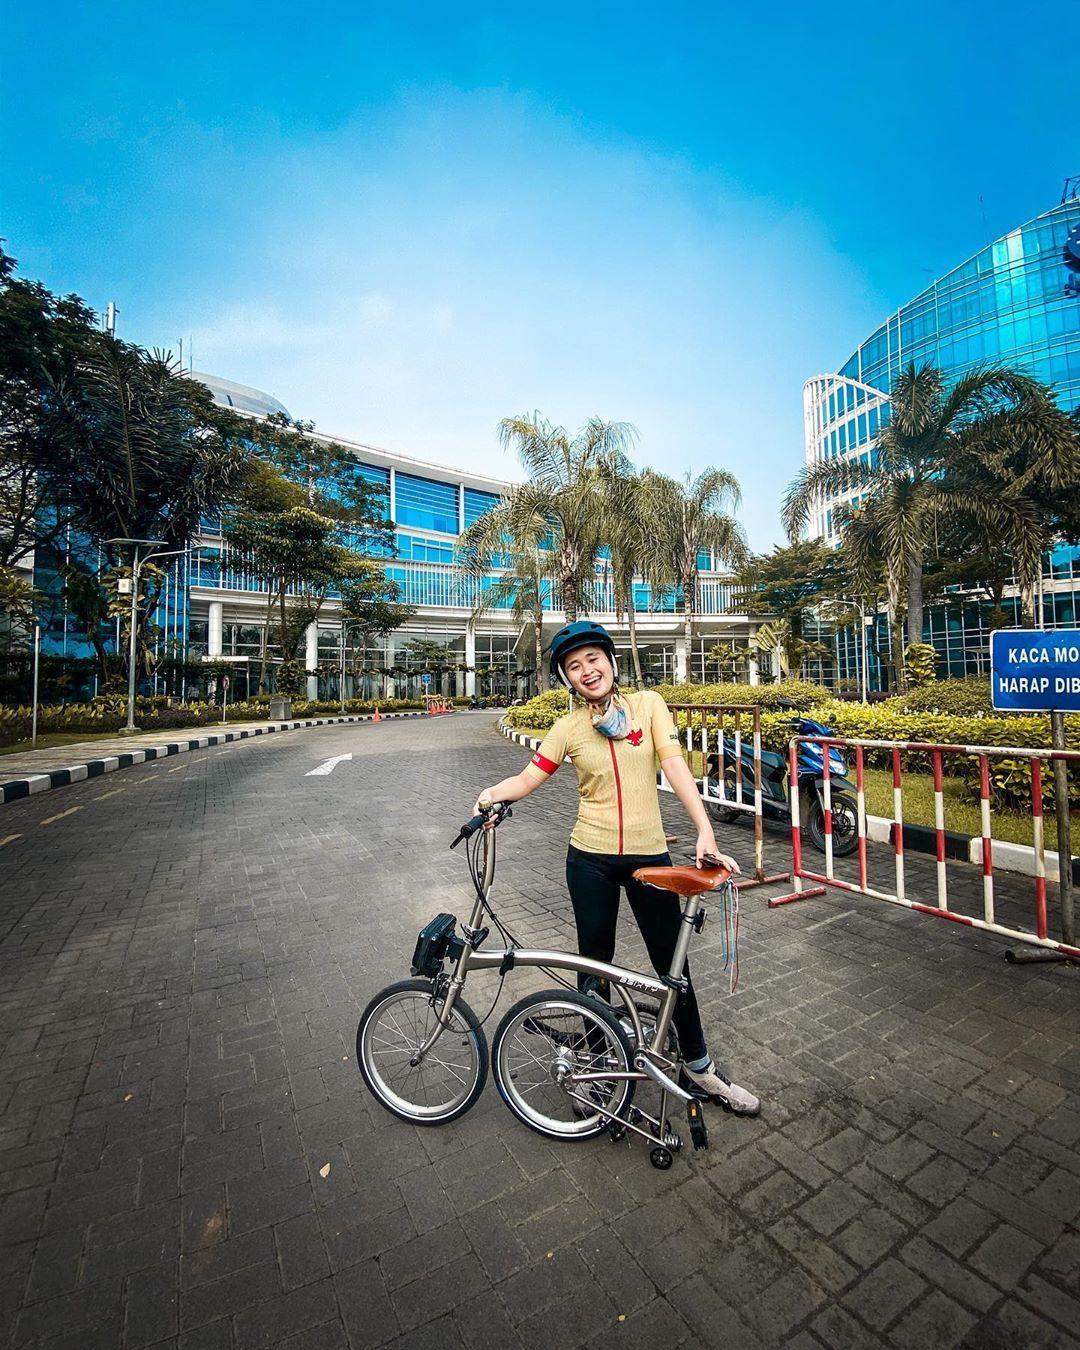 Gaya Modis Artis Indonesia Bersepeda Di Tengah Pandemi Corona